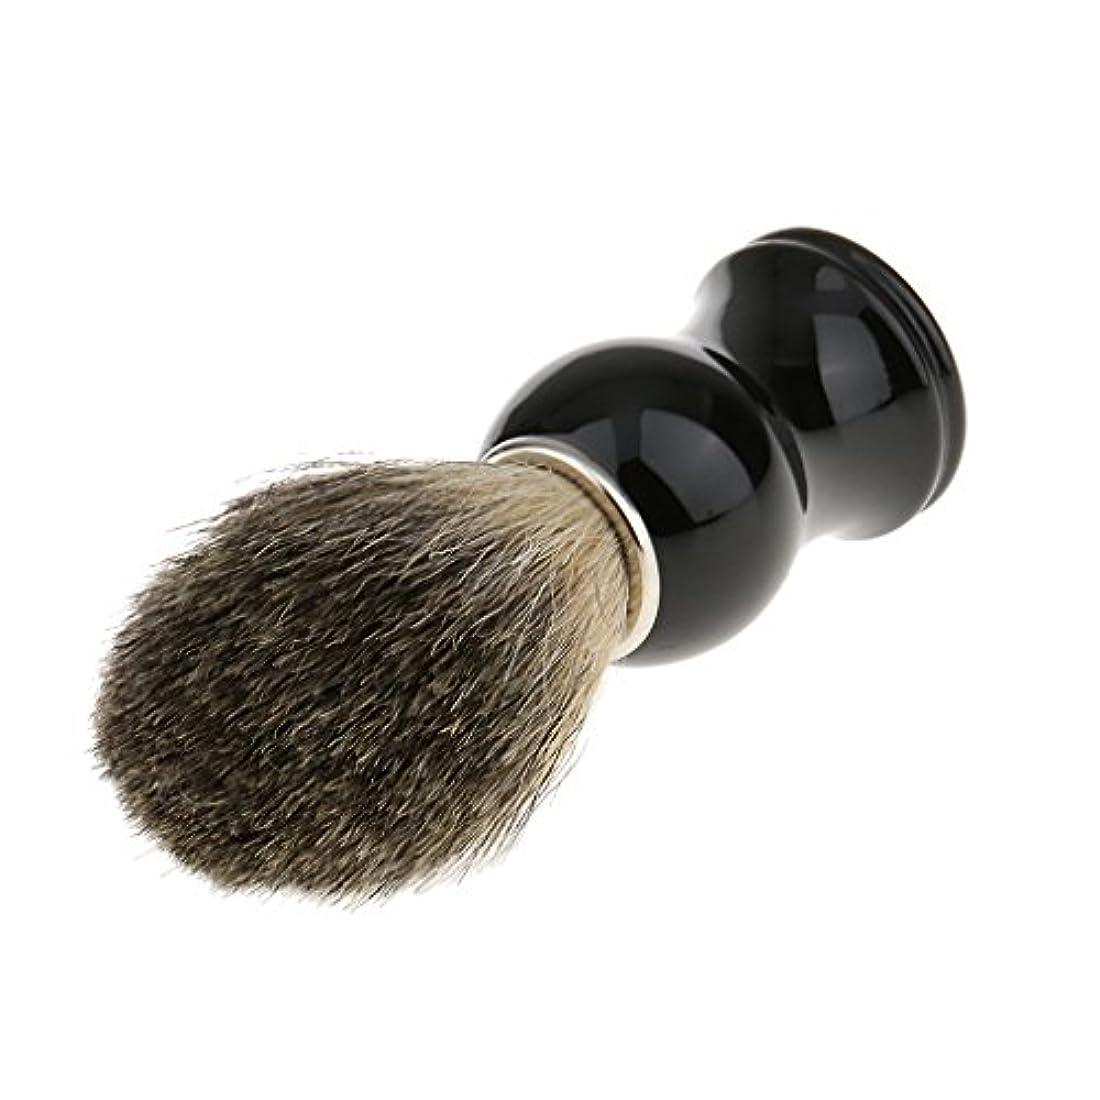 大工さびた極めて人工毛 シェービングブラシ 柔らかい 理容 洗顔 髭剃り 乾くやすい 11.2cm ブラックハンドル